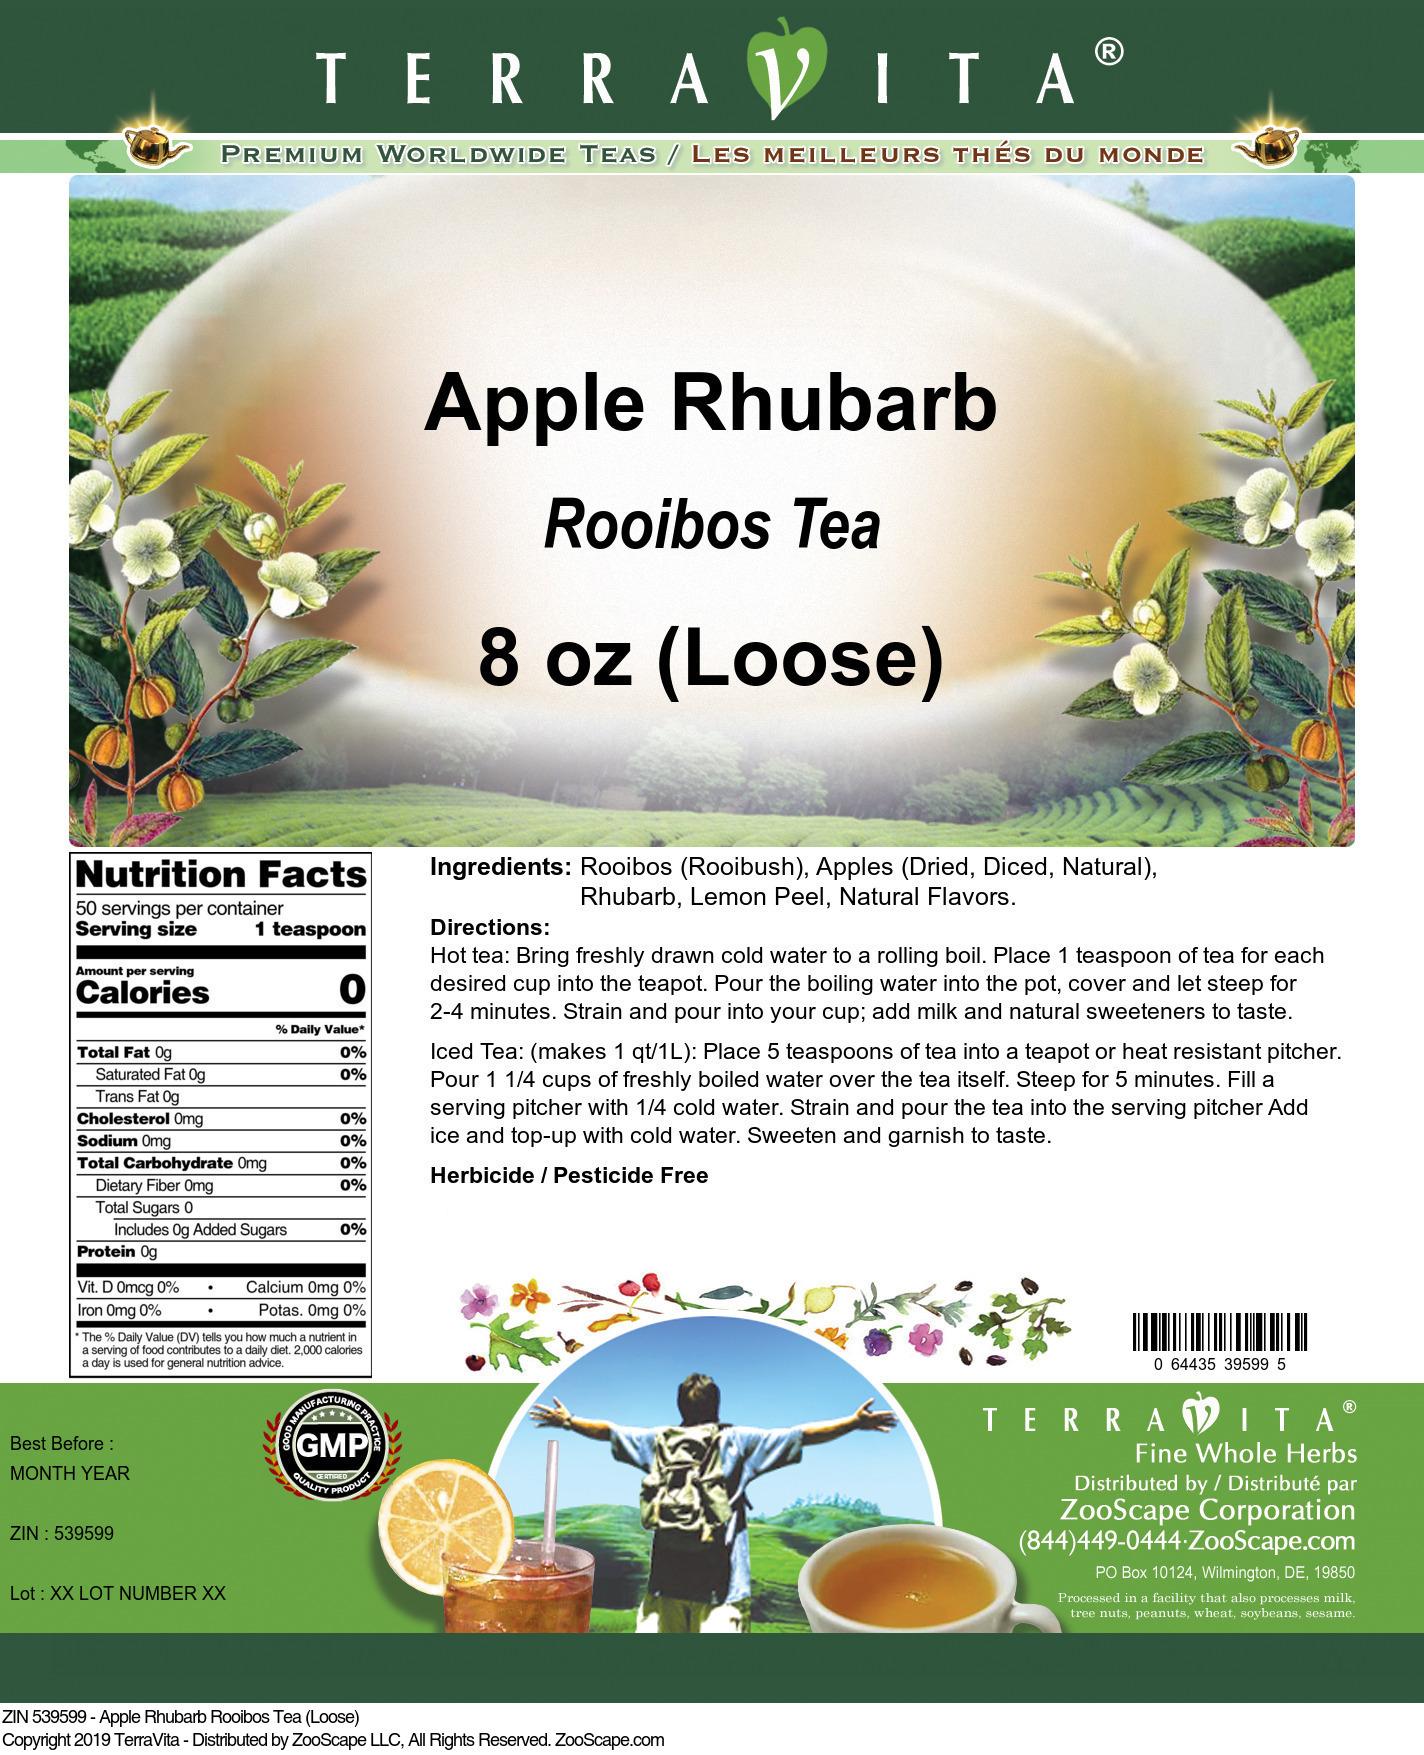 Apple Rhubarb Rooibos Tea (Loose)